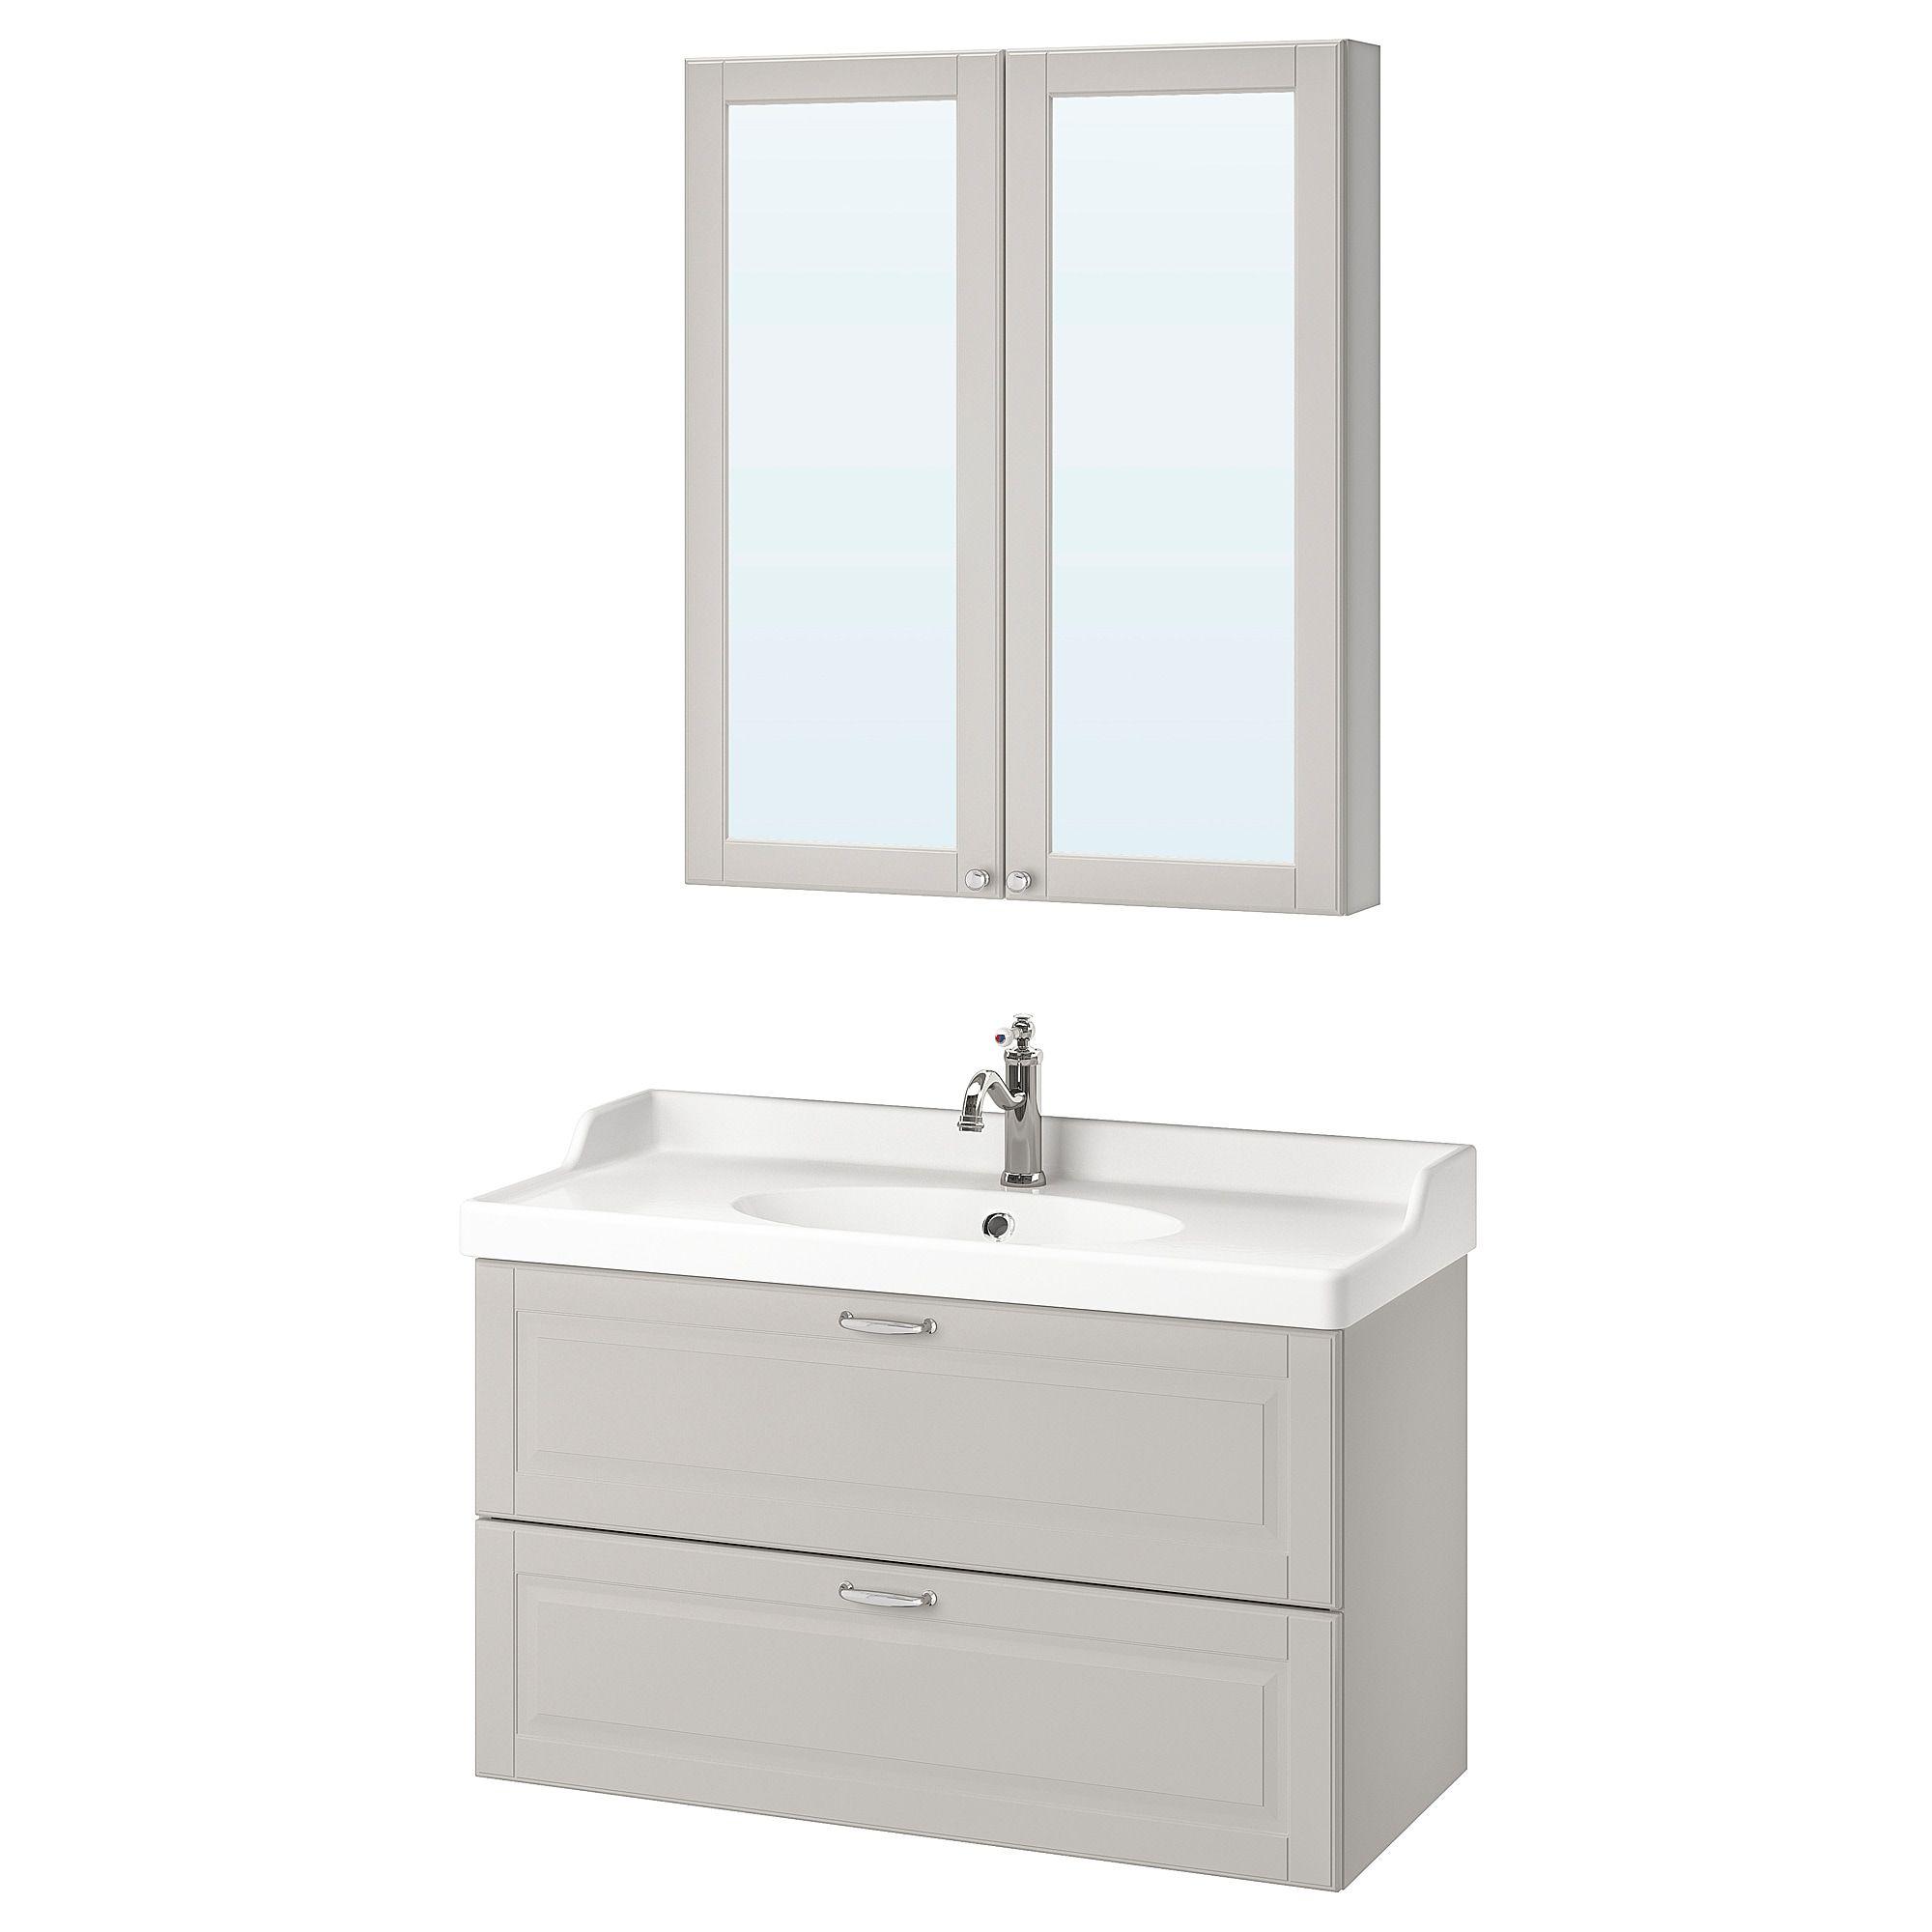 43+ Bathroom cabinet wall mounted 30 x 8 x 40 custom